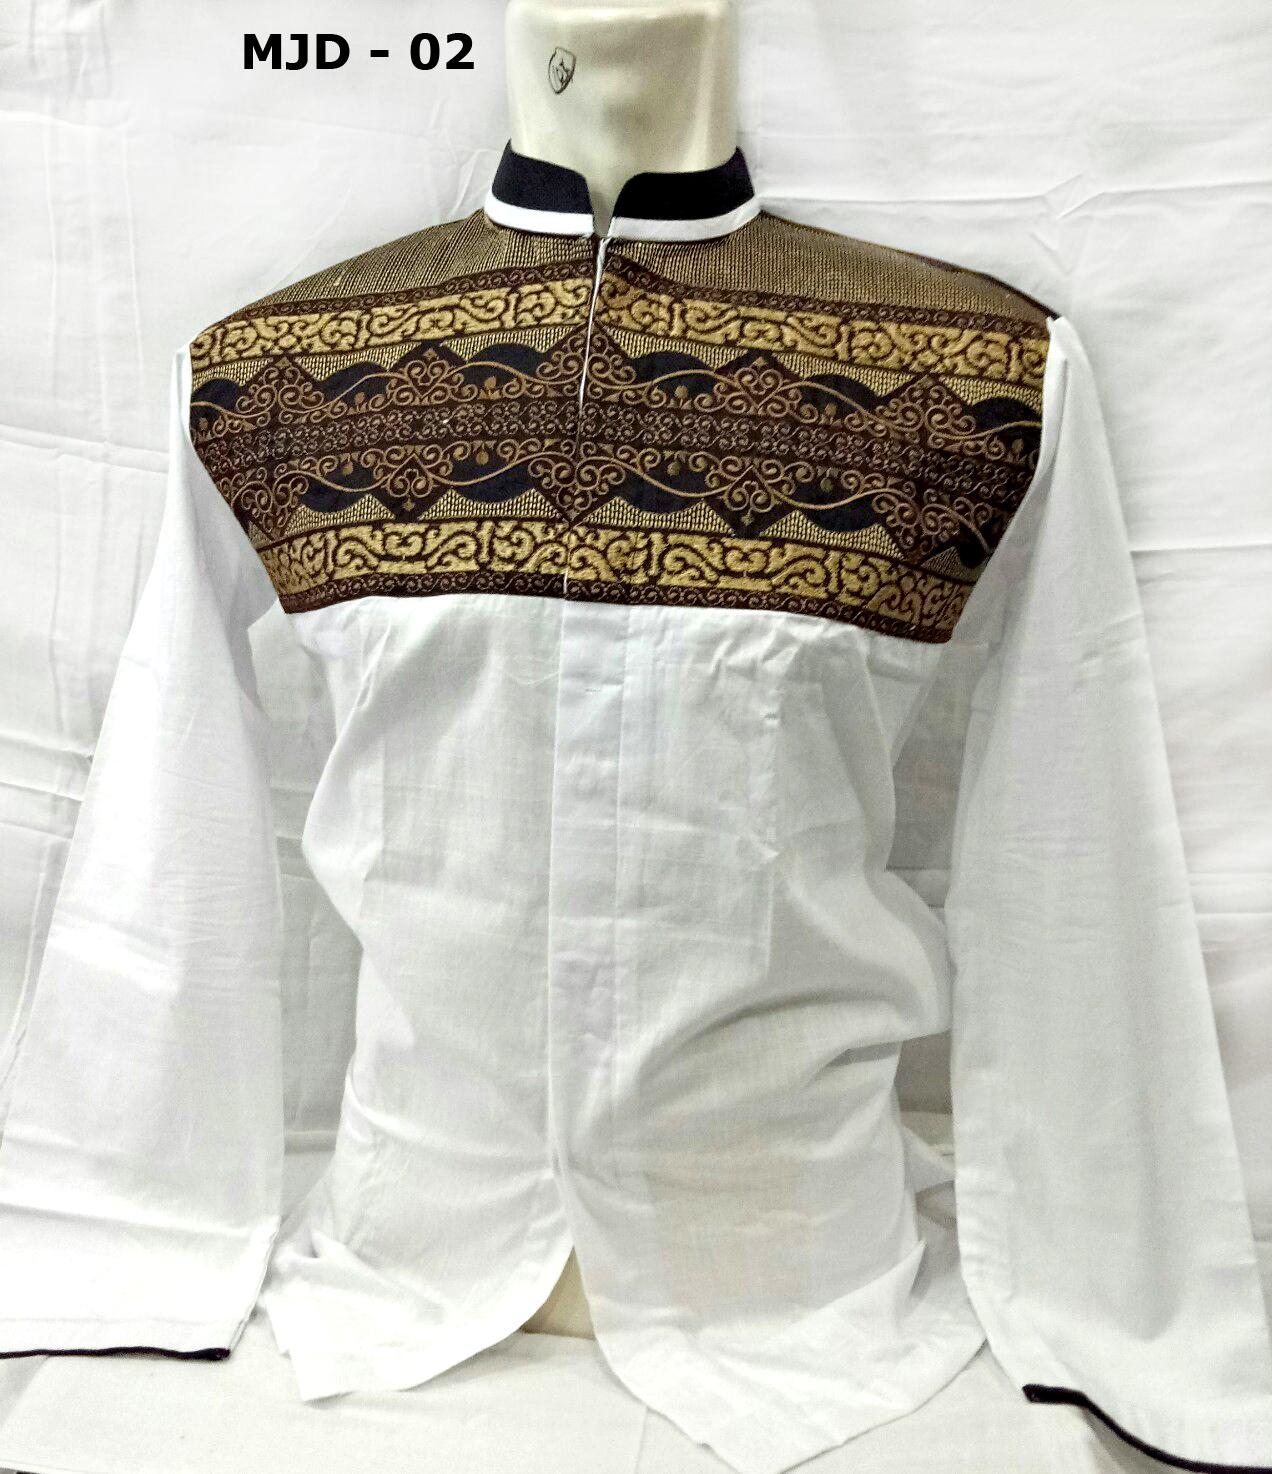 baju koko putih lengan panjang model terbaru bordir batik